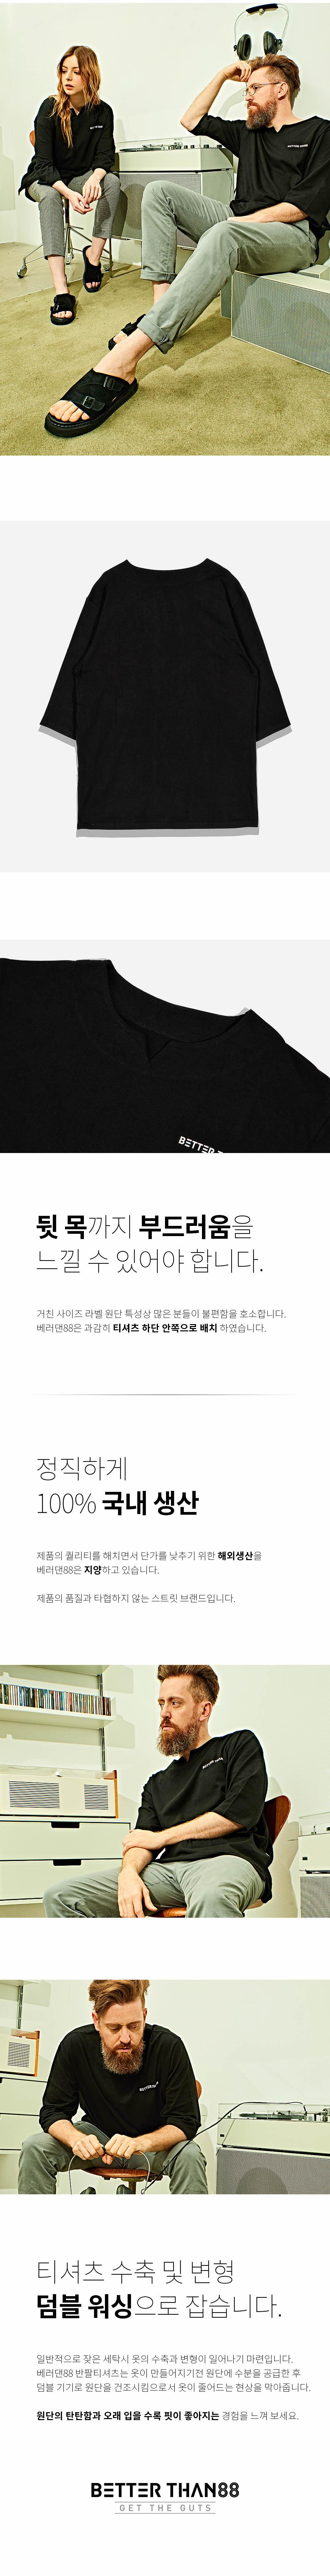 [베러댄88] M1692BB 루딘 오버핏 워싱 20수 7부티셔츠 밴타블랙